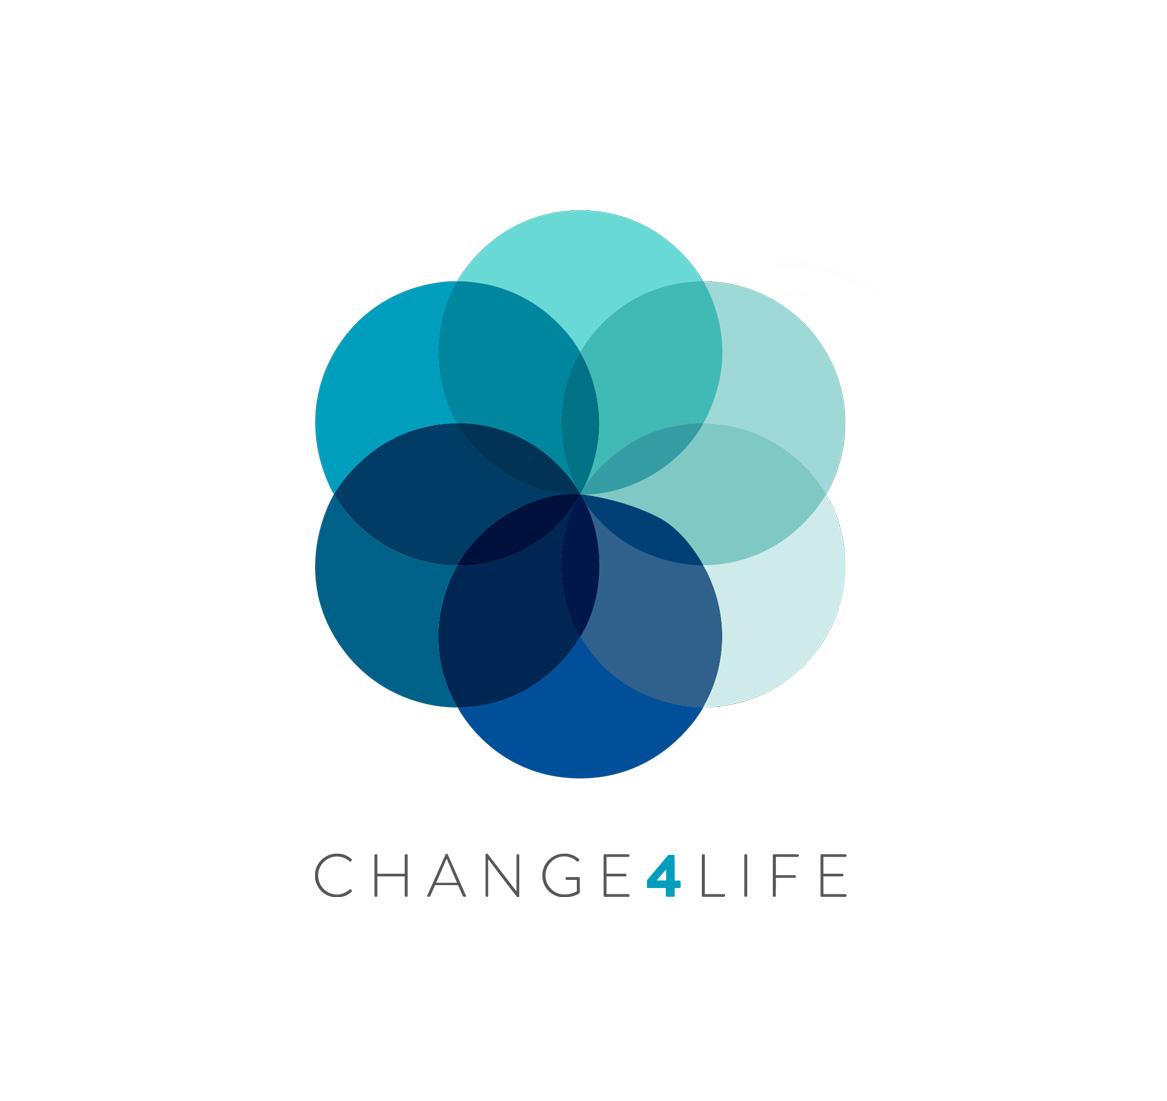 c4l logo.JPG